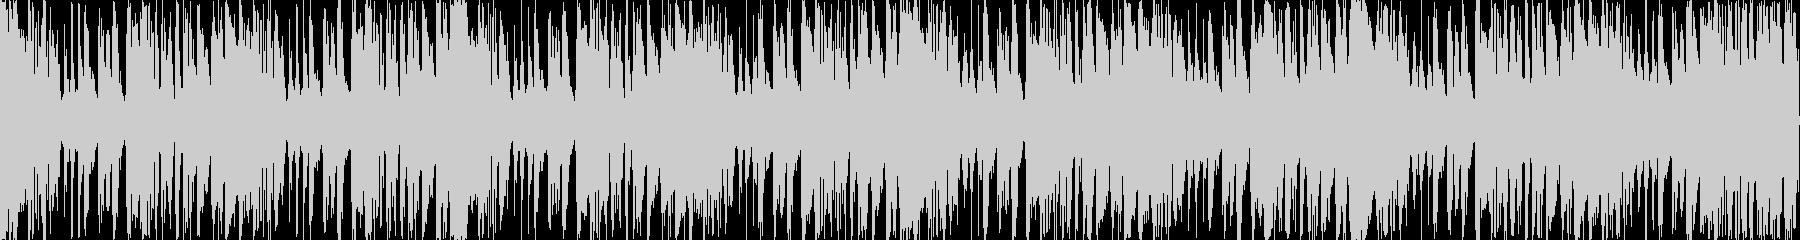 ループ素材を使用したサウンドに、後半メ…の未再生の波形